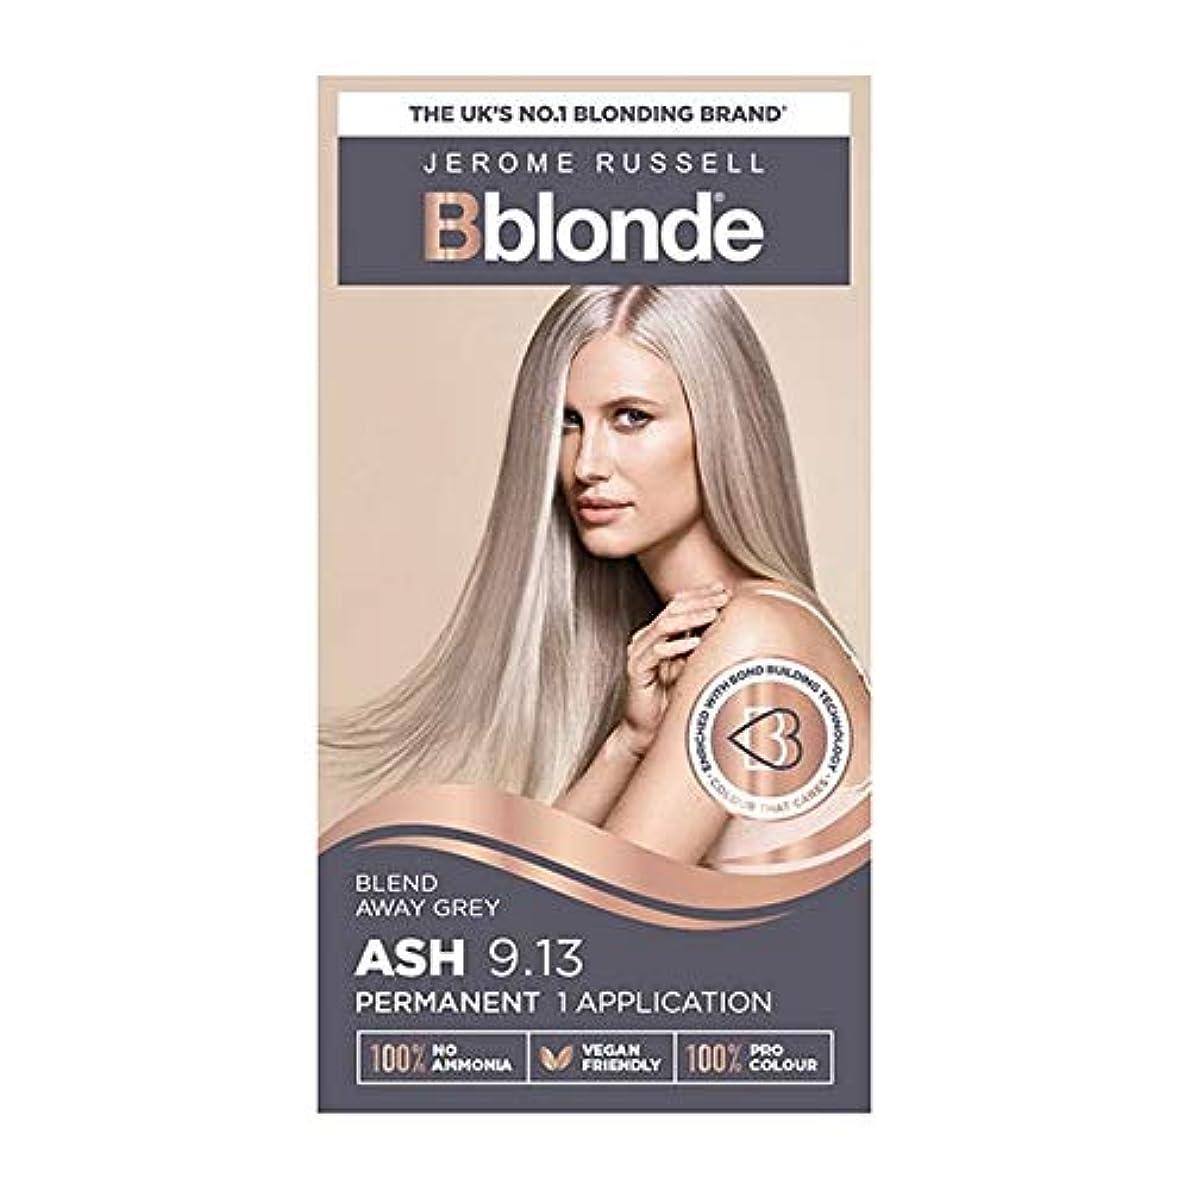 沈黙こんにちは雷雨[Jerome Russell ] ジェロームラッセルBblondeパーマネントヘアキット灰ブロンド9.13 - Jerome Russell Bblonde Permanent Hair Kit Ash Blonde...